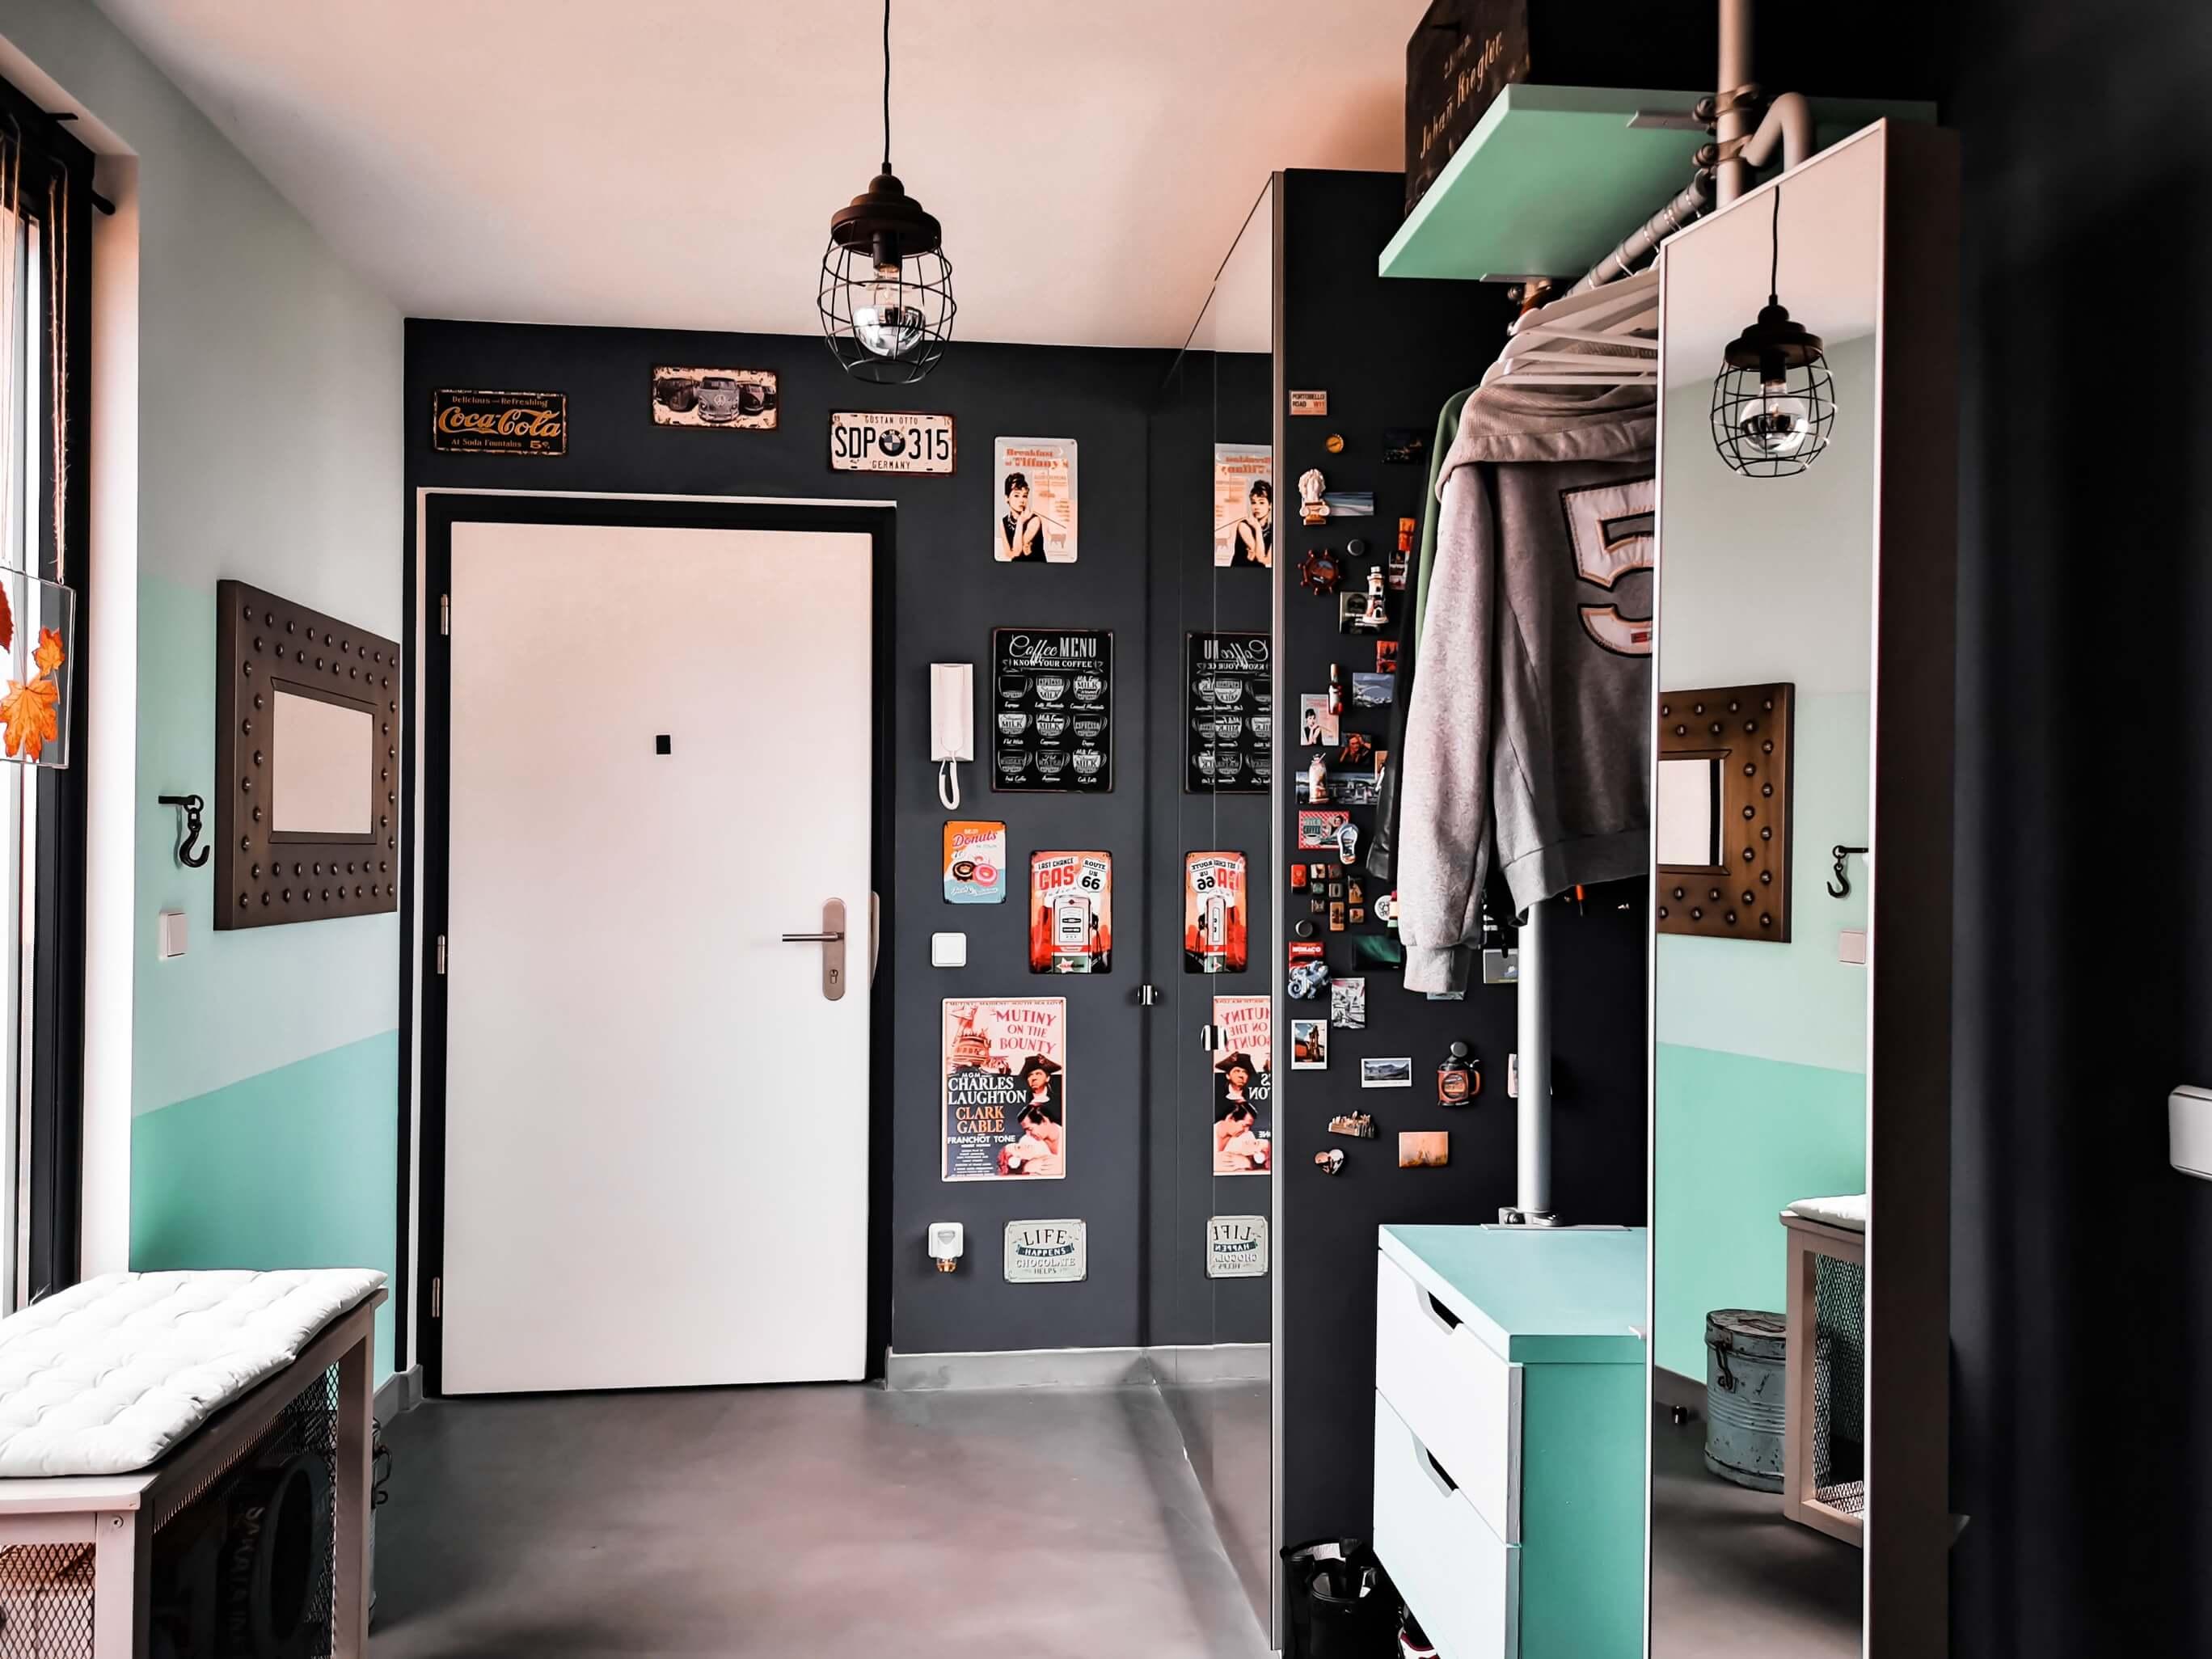 IMG 20191116 095854 resized 20191117 061546017 - Projekt Vorzimmer: 11 DIY-Ideen an einem Ort